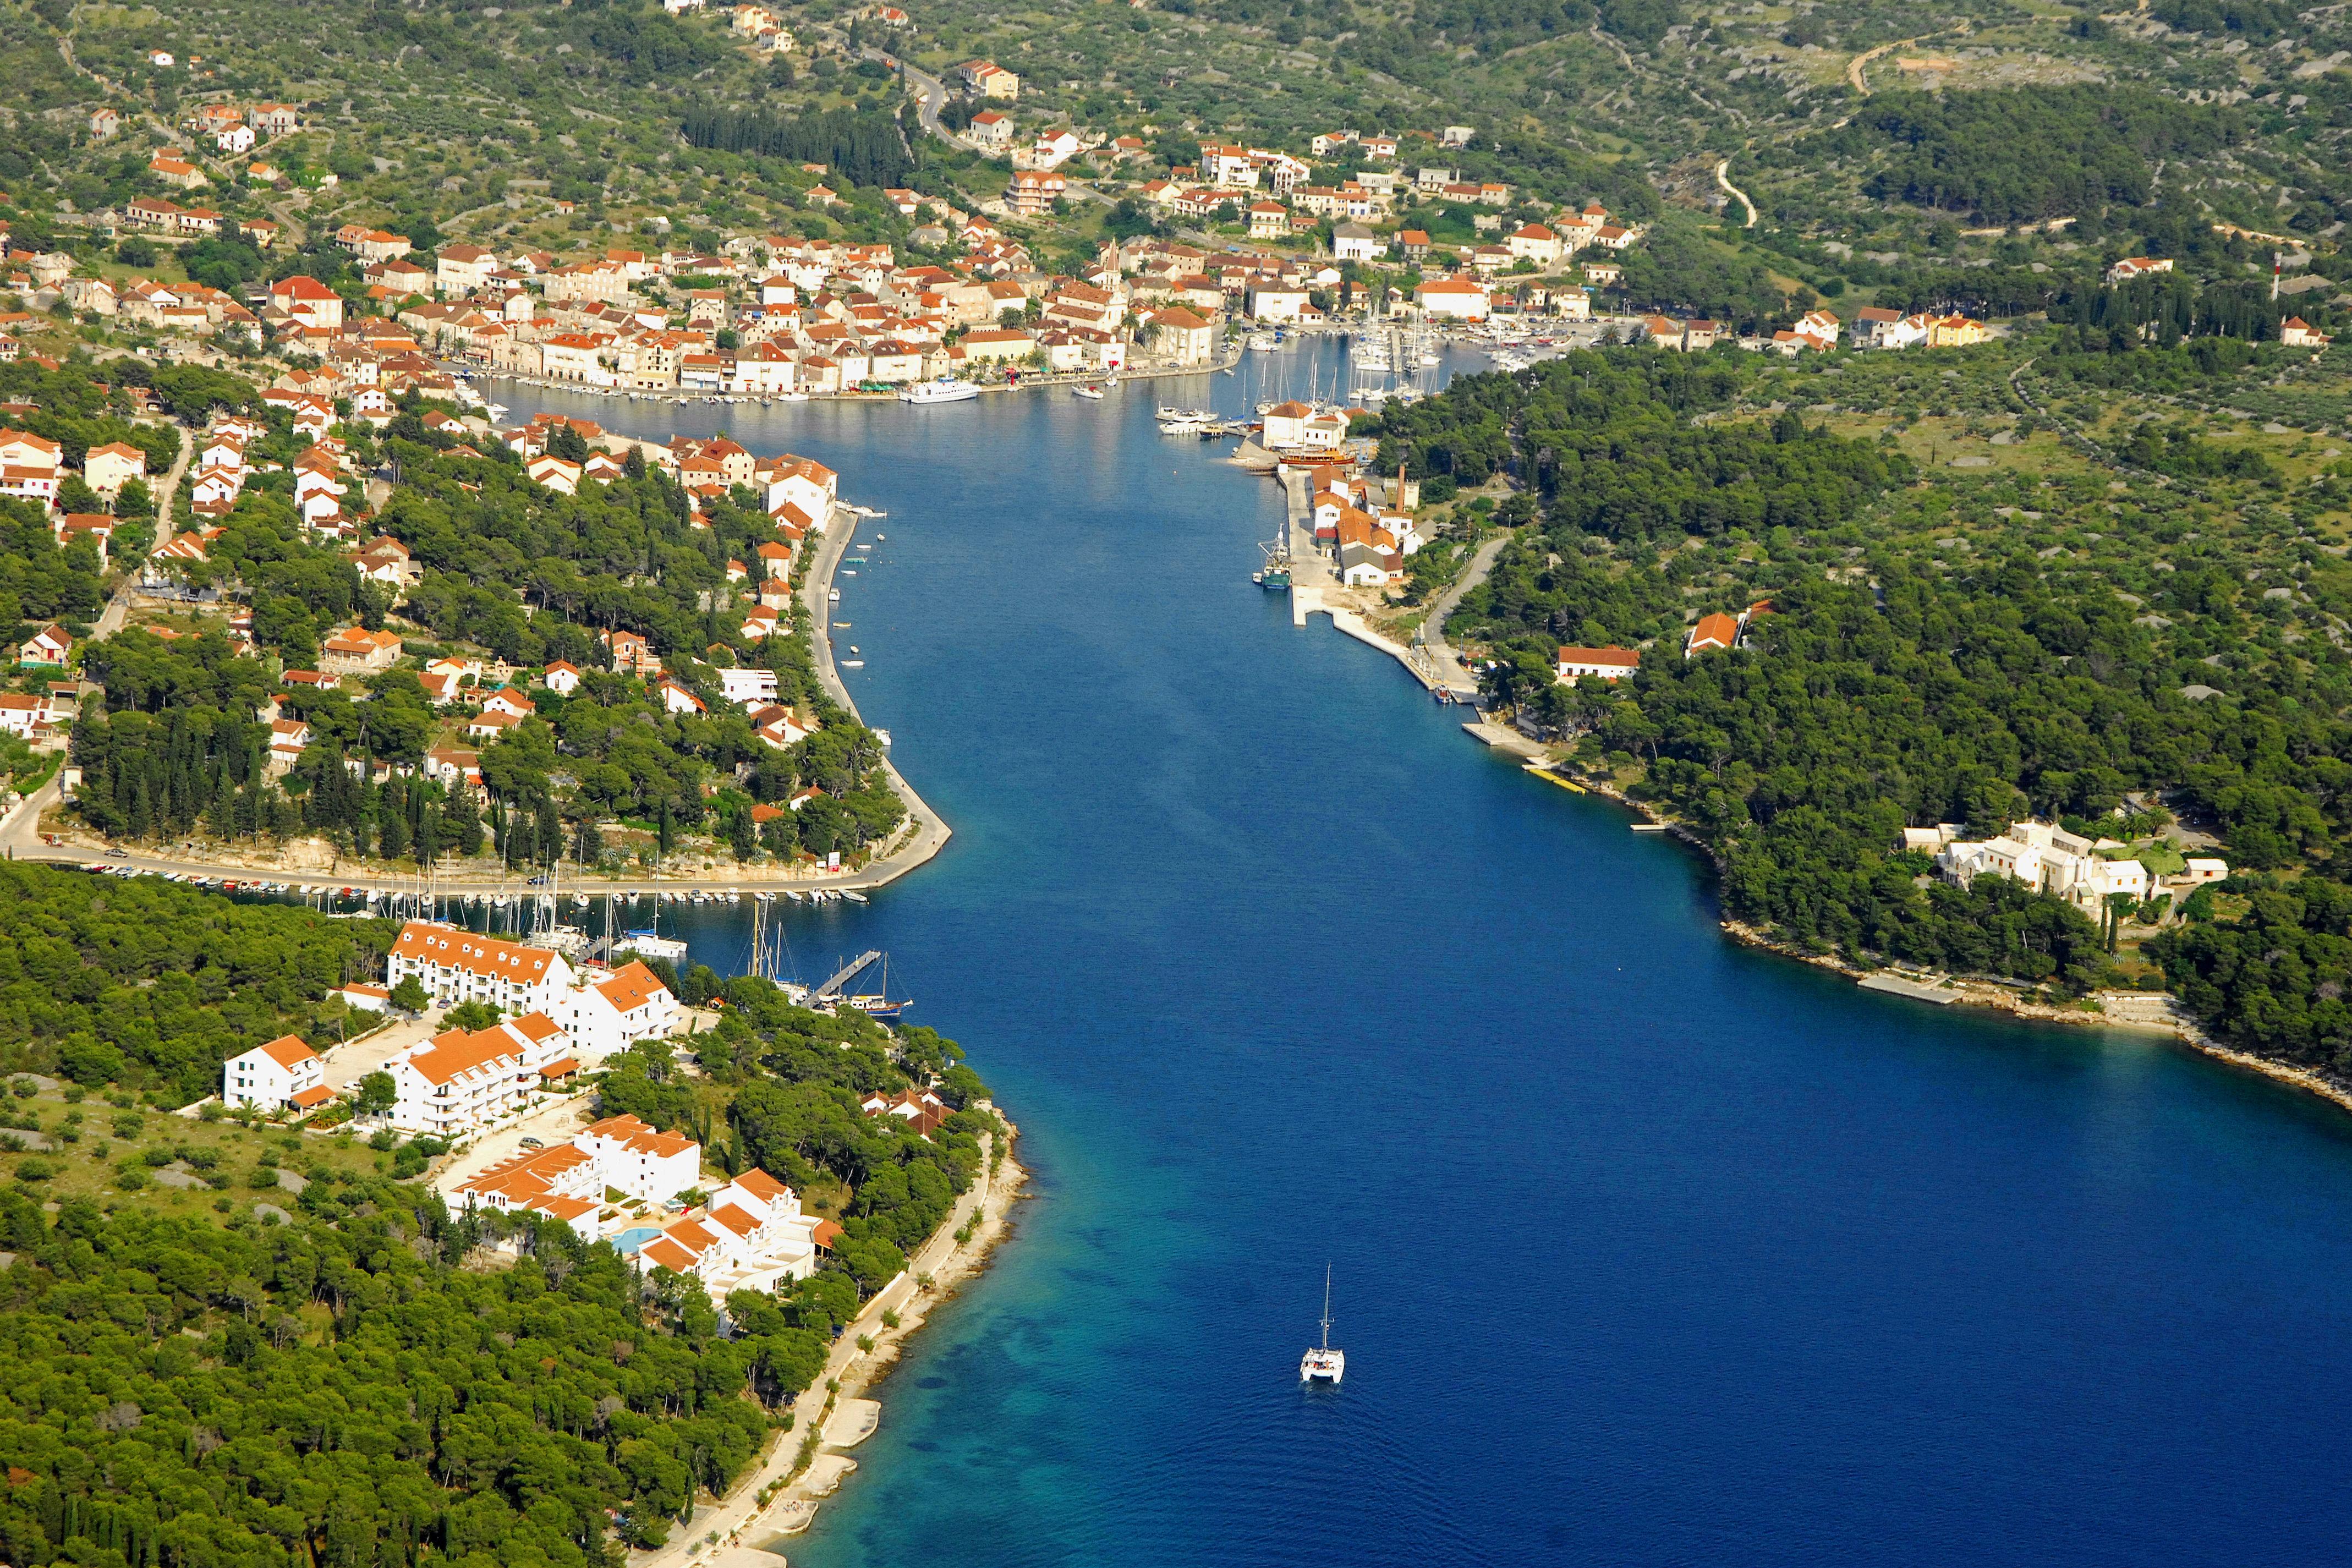 Milna - wunderschöner Ferienort auf der Insel Brač